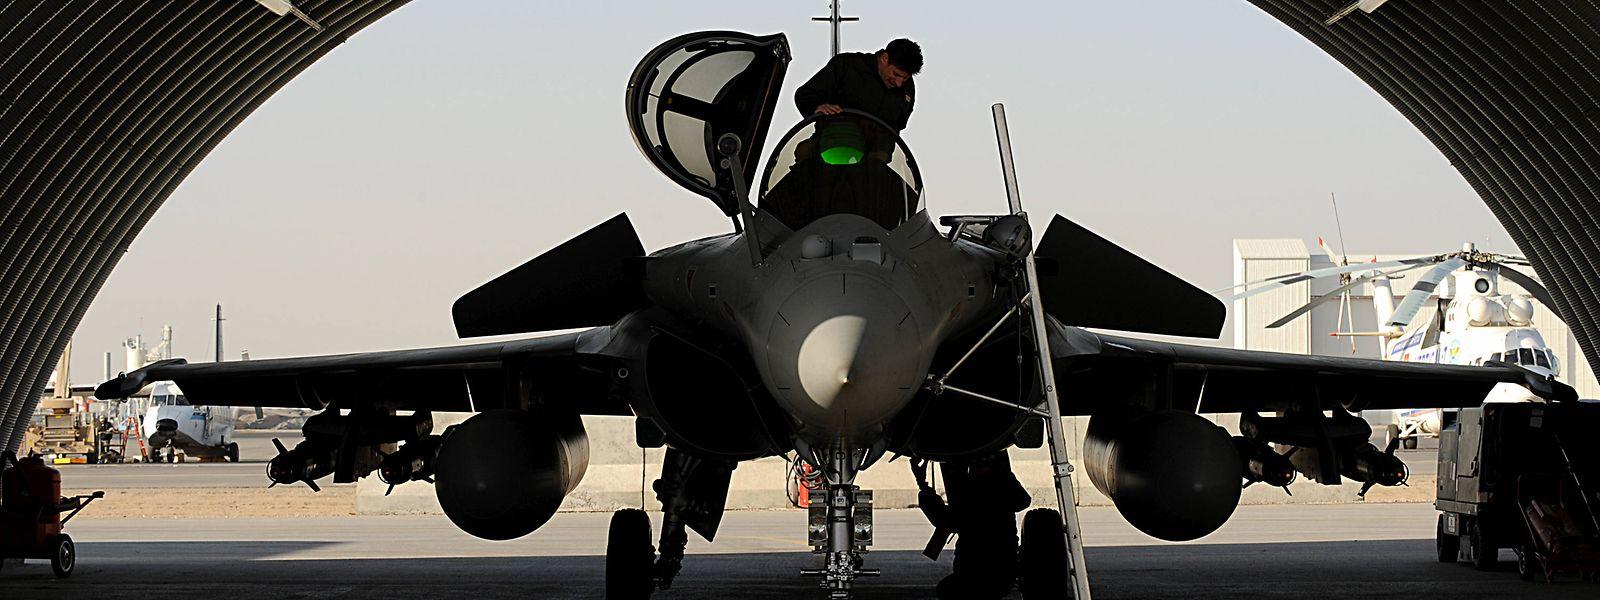 Une base aérienne en Belgique et cinq autres en Europe accueilleraient des ogives nucléaires américaines.